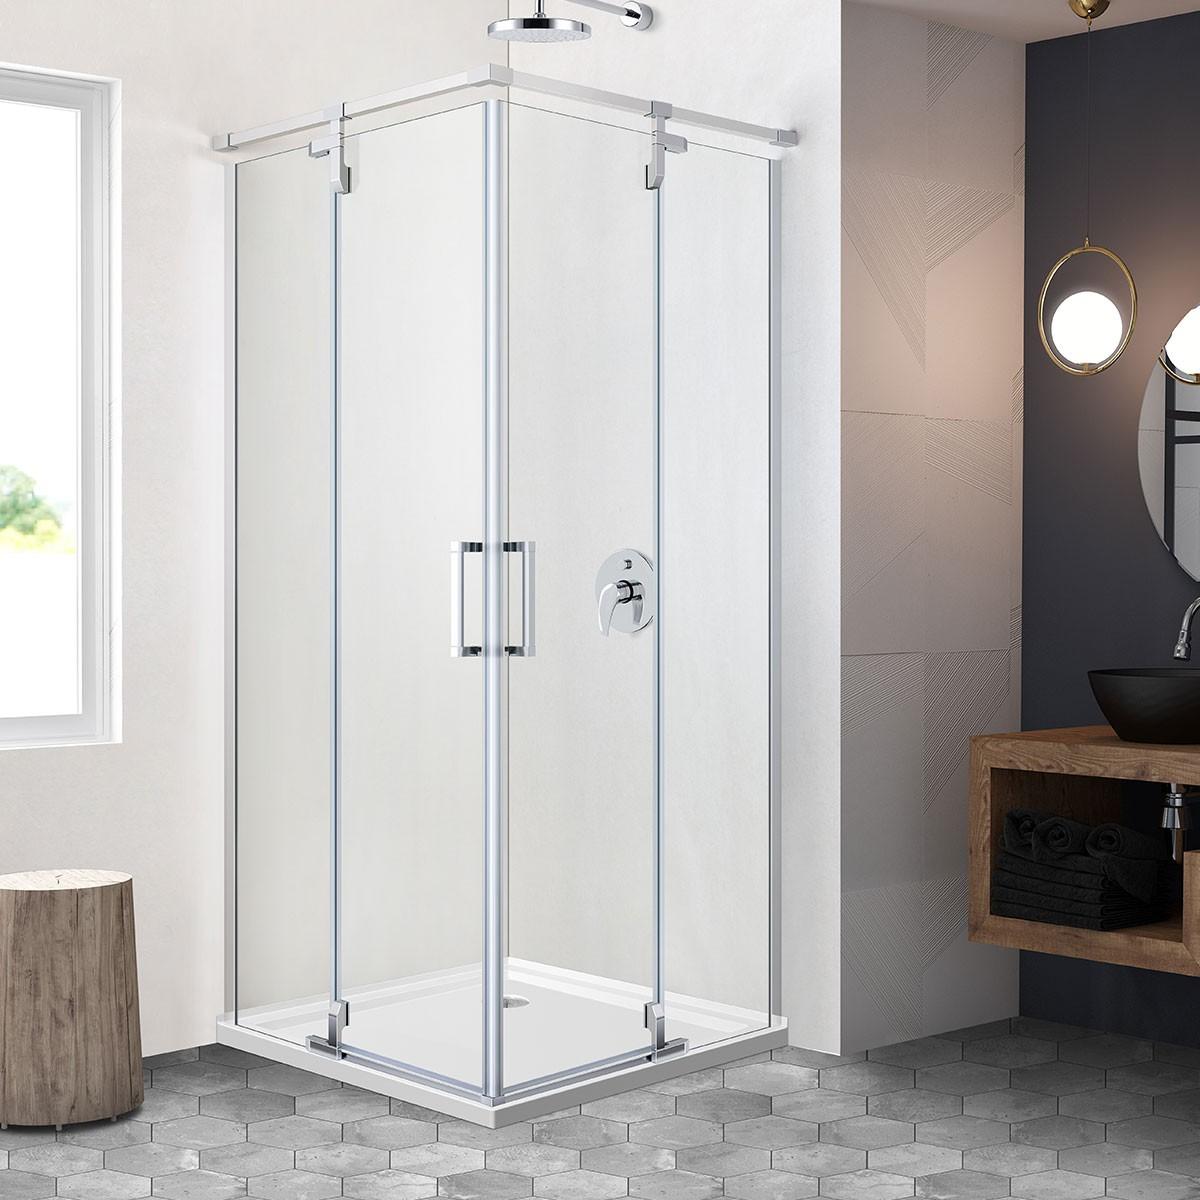 36 x 36 In. Square Shower Door (DK-ZD1001-6)   Decoraport Canada